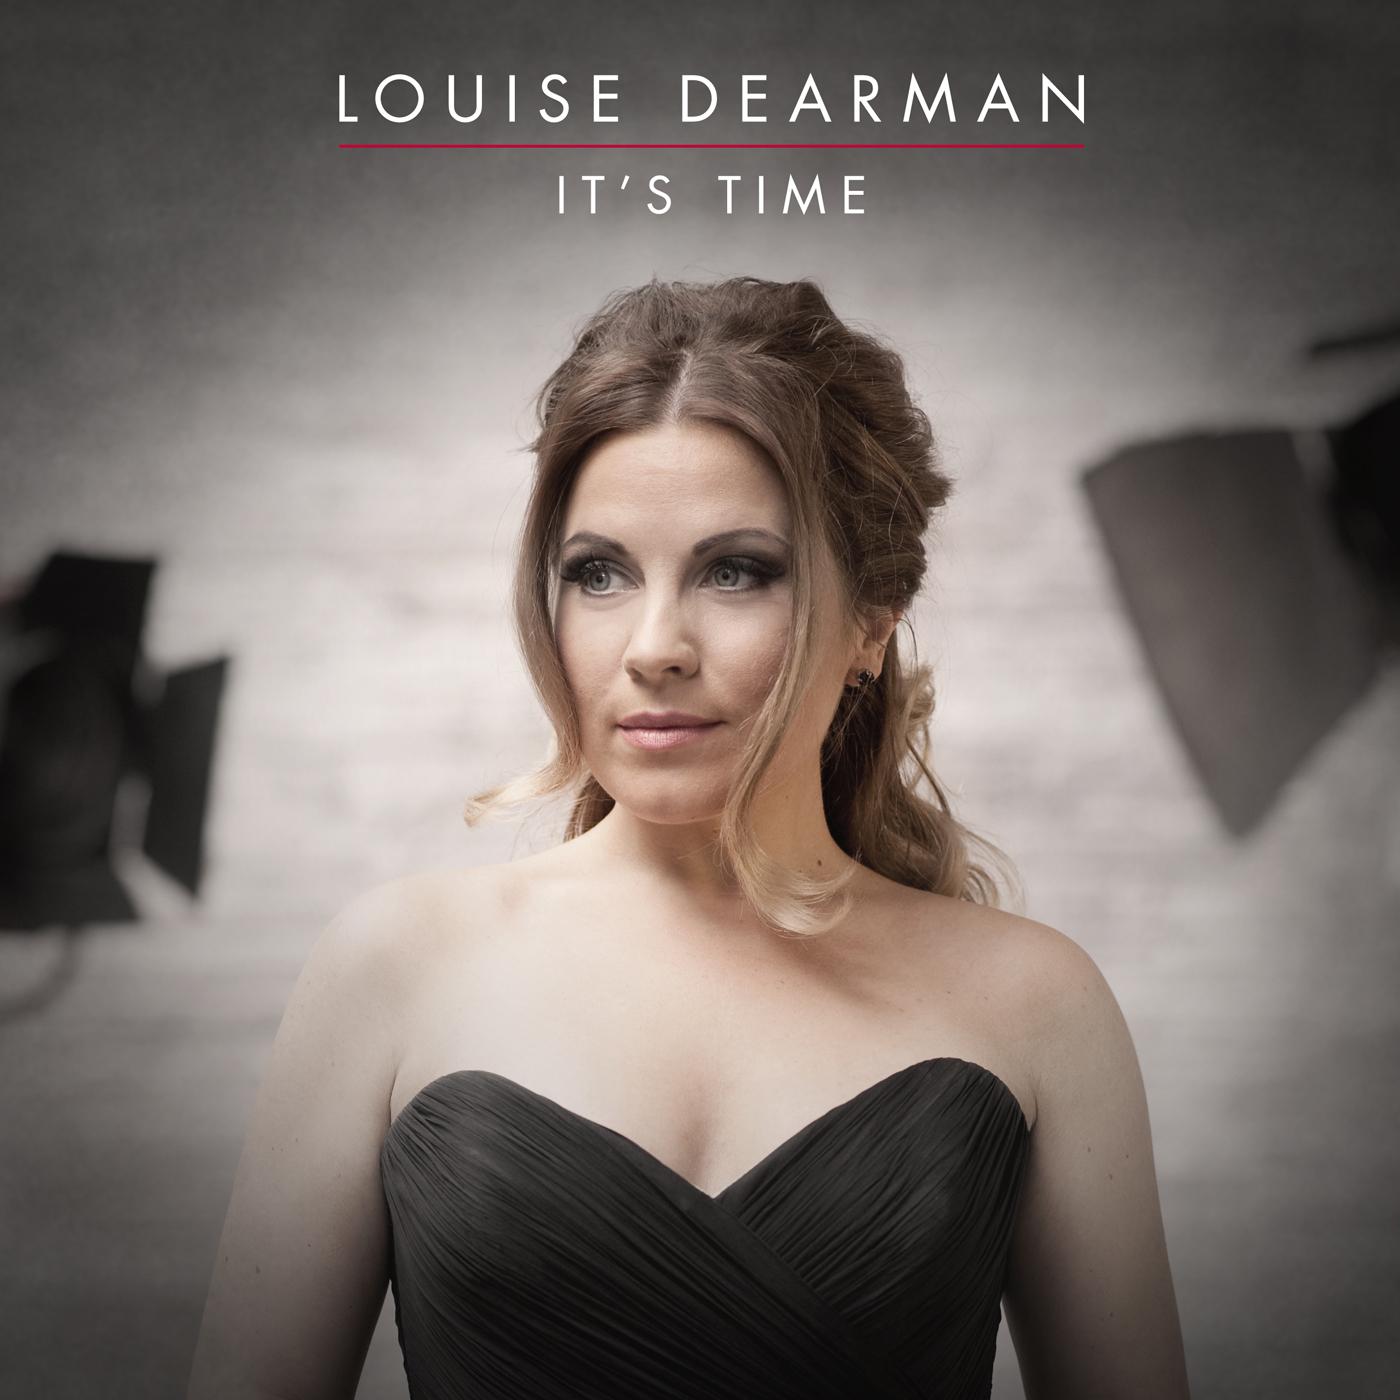 Louise Dearman